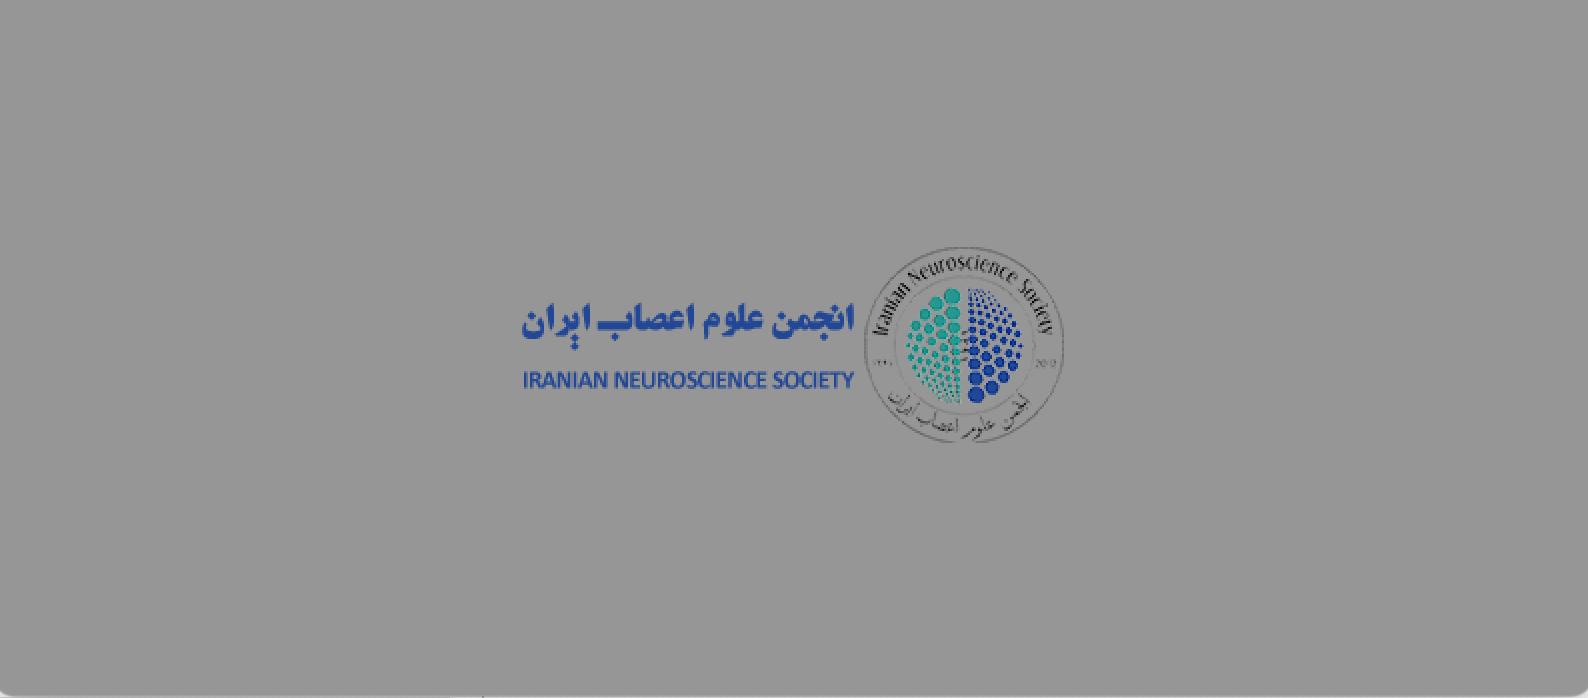 شروع ثبت نام برای عضویت در هیات مدیره انجمن علمی علوم اعصاب ایران